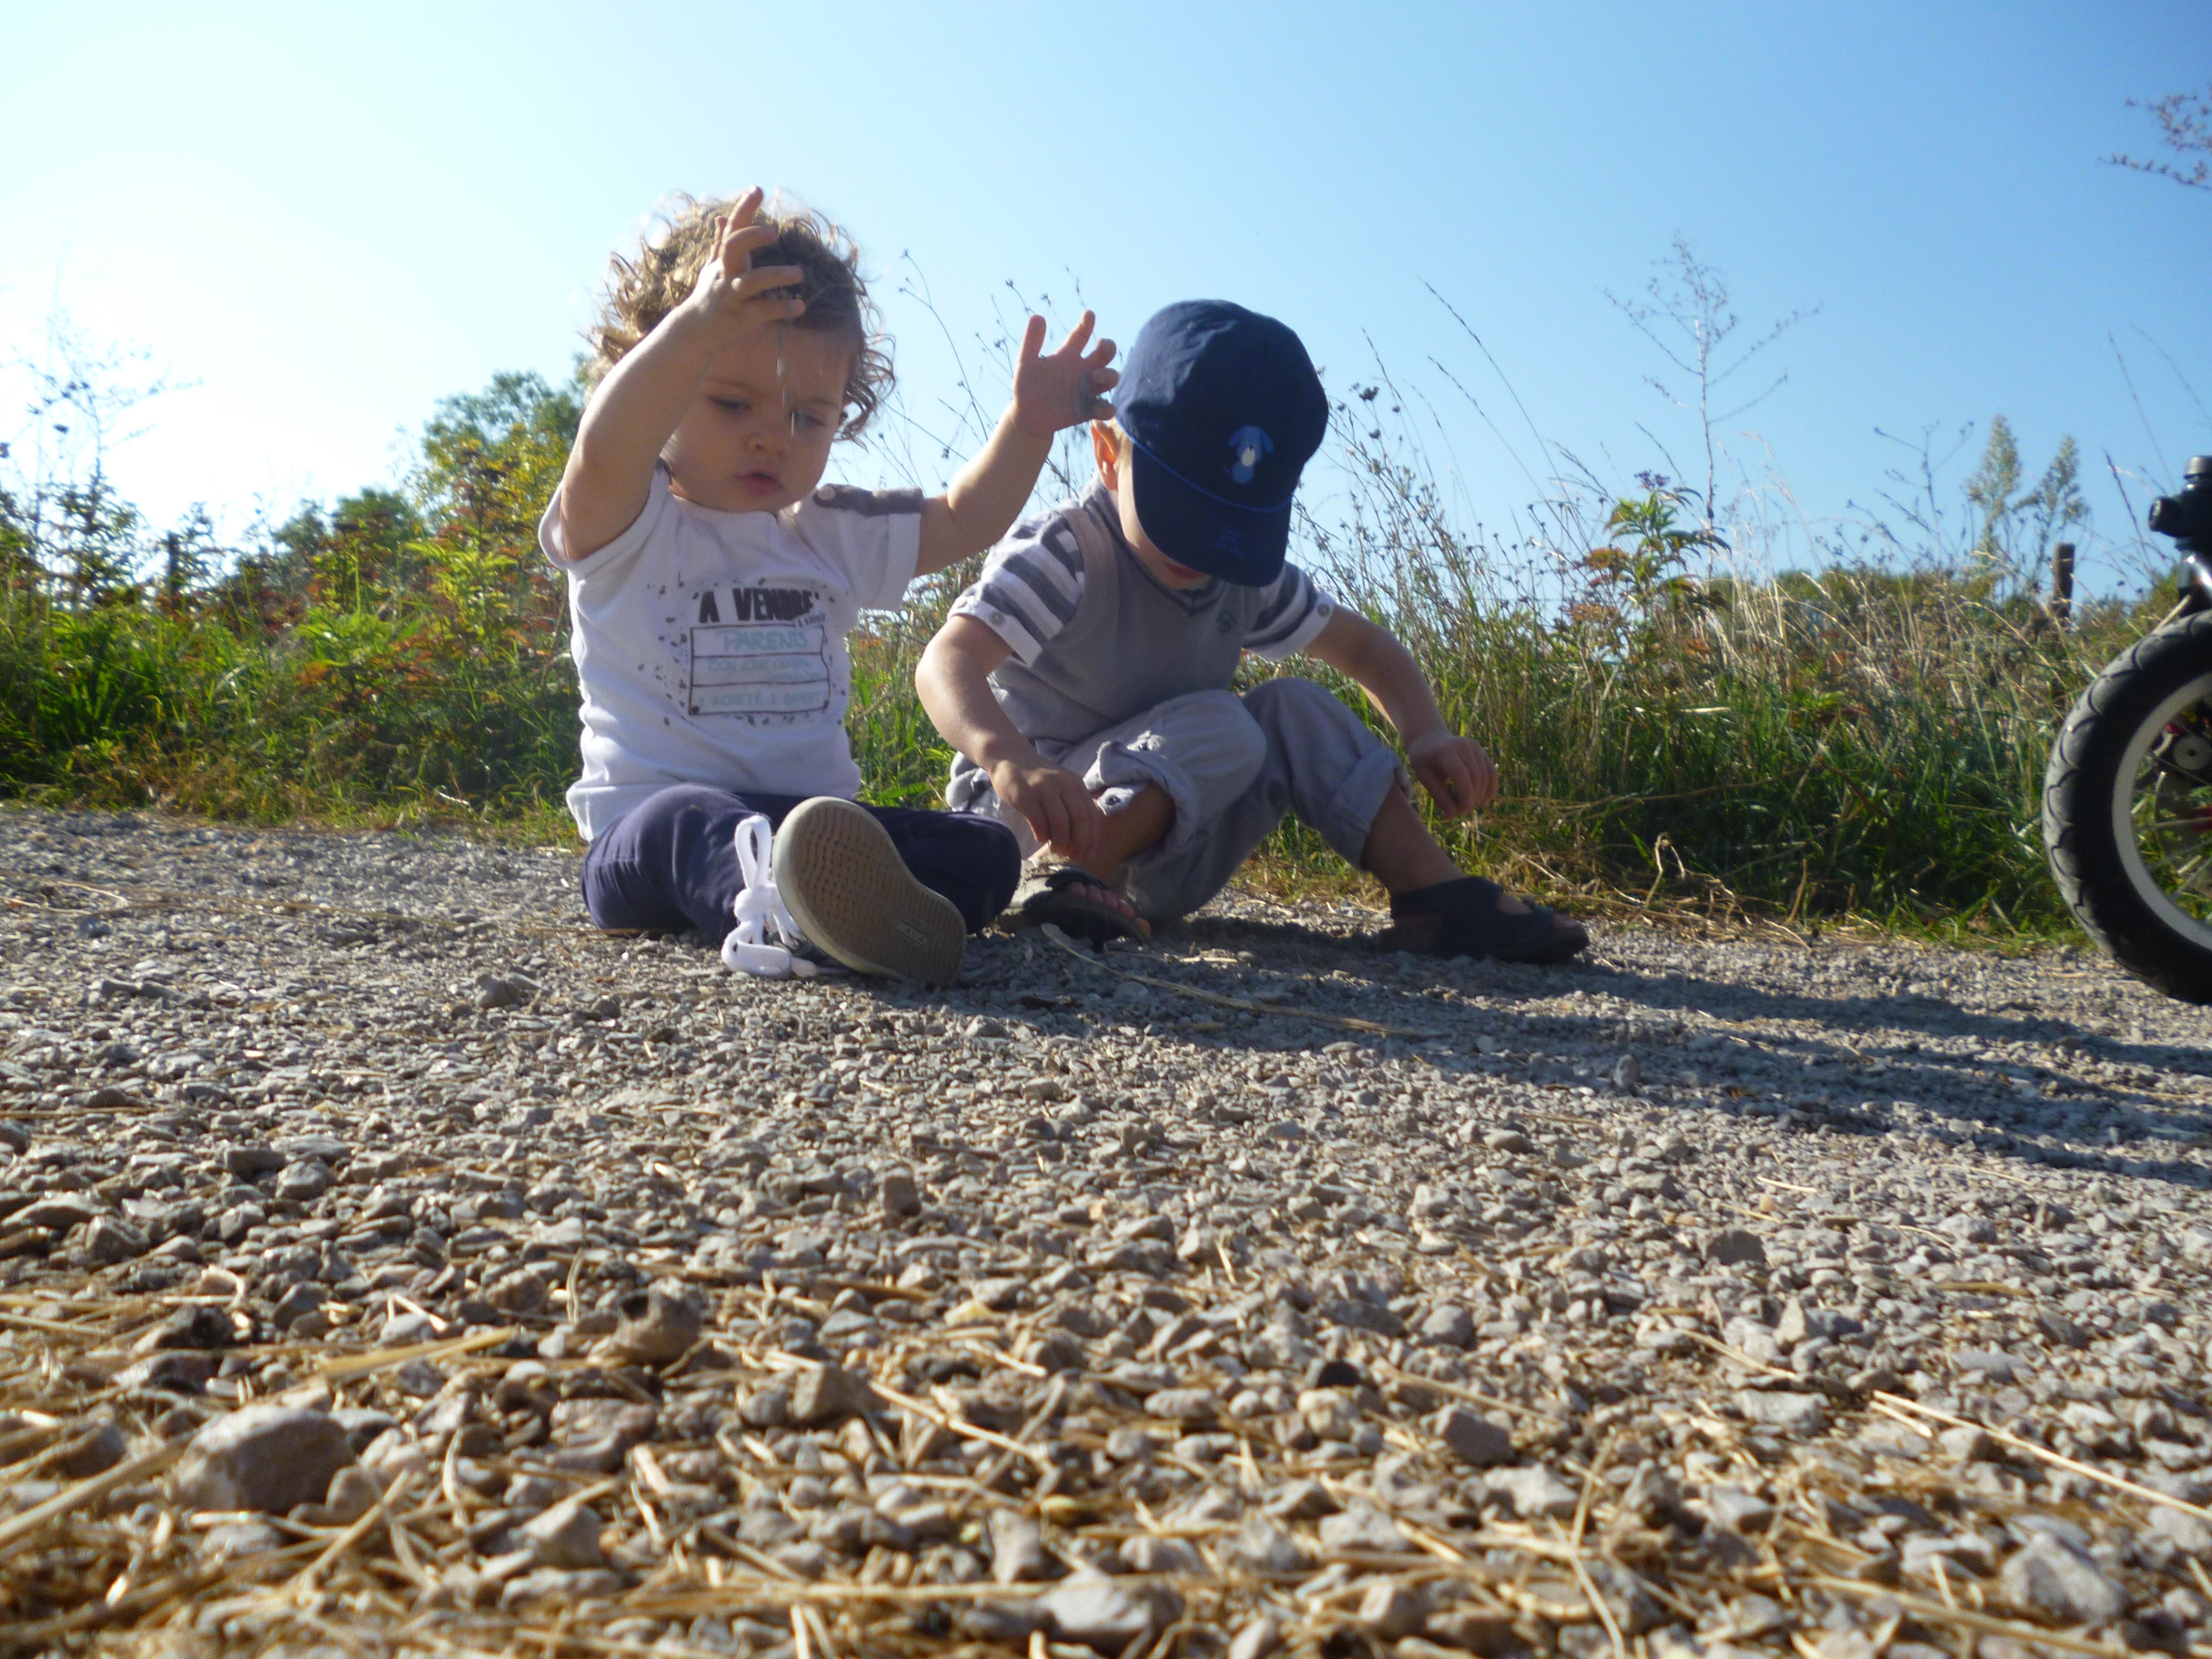 jouer dehors, à la découverte de la nature